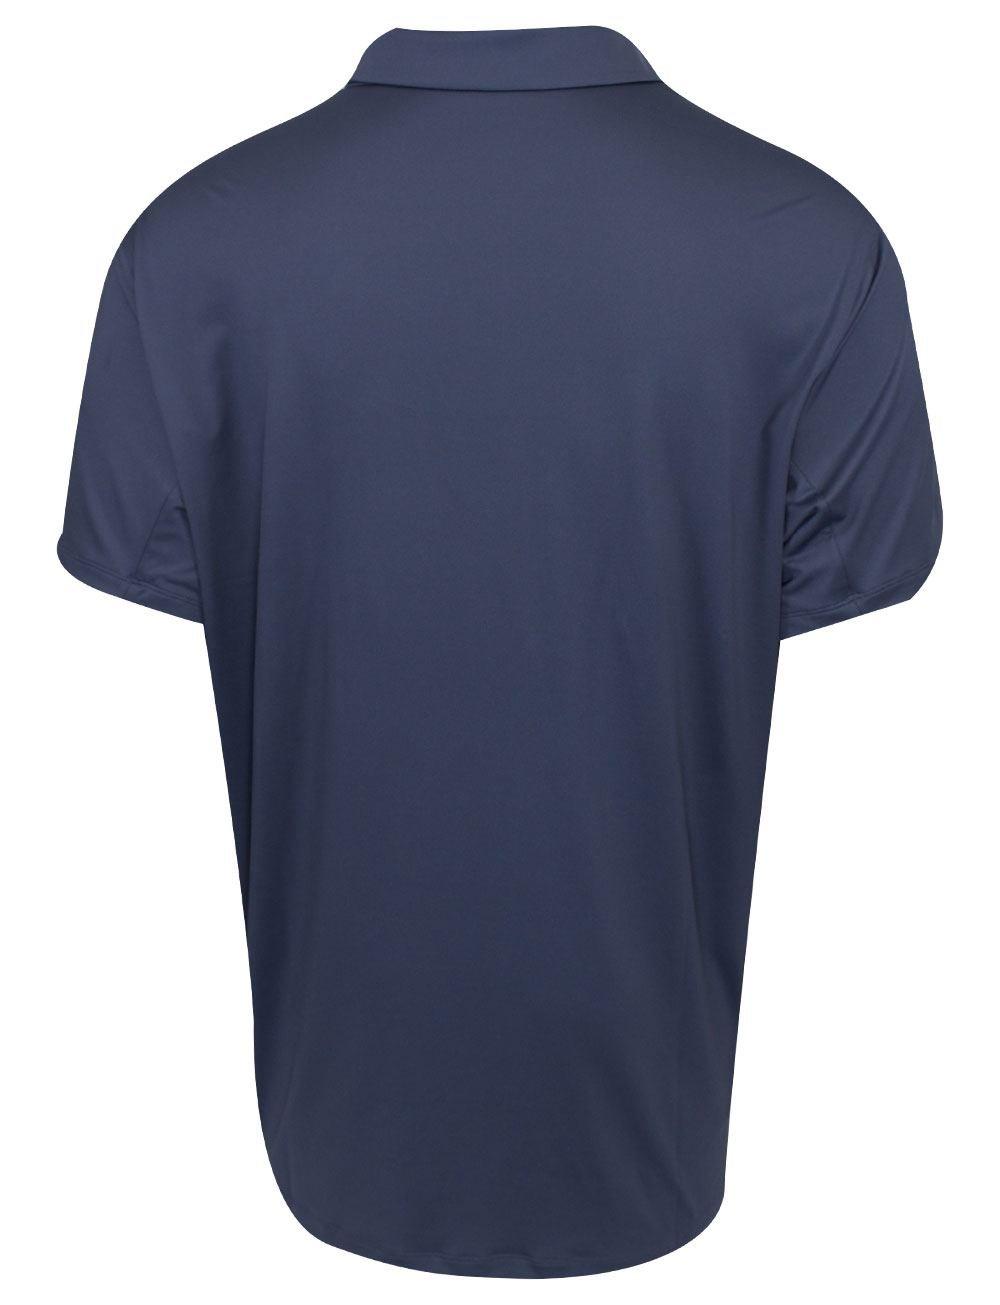 c01fddc53 Nike Mens Dry Momentum Golf Polo Shirt